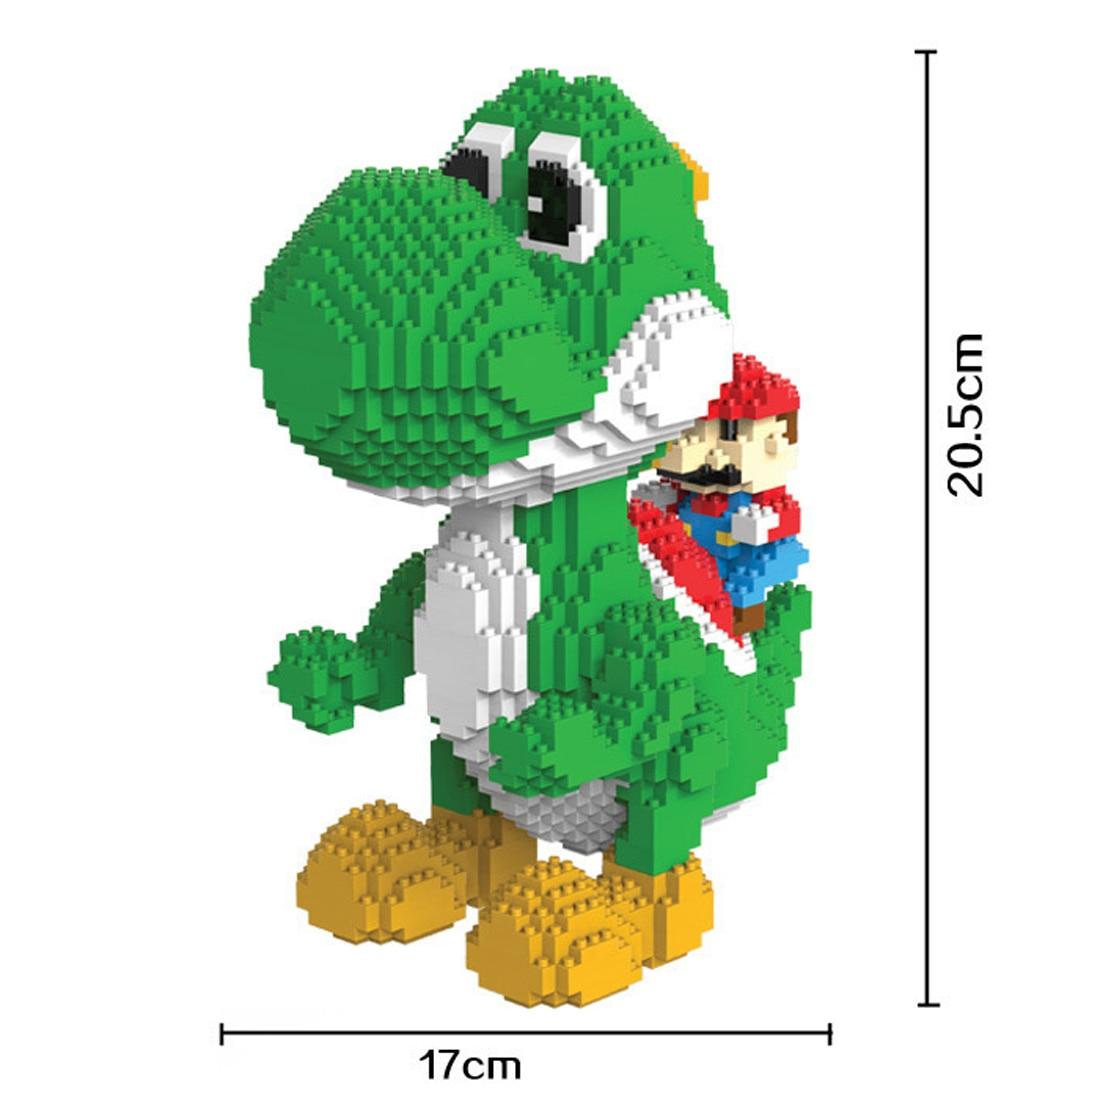 Galleria fotografica Hot lepining classic japan <font><b>Nintendos</b></font> gioco Yoshi Dinosauro Super Marios mini Micro Diamante Building Blocks figura giocattoli dei mattoni del regalo